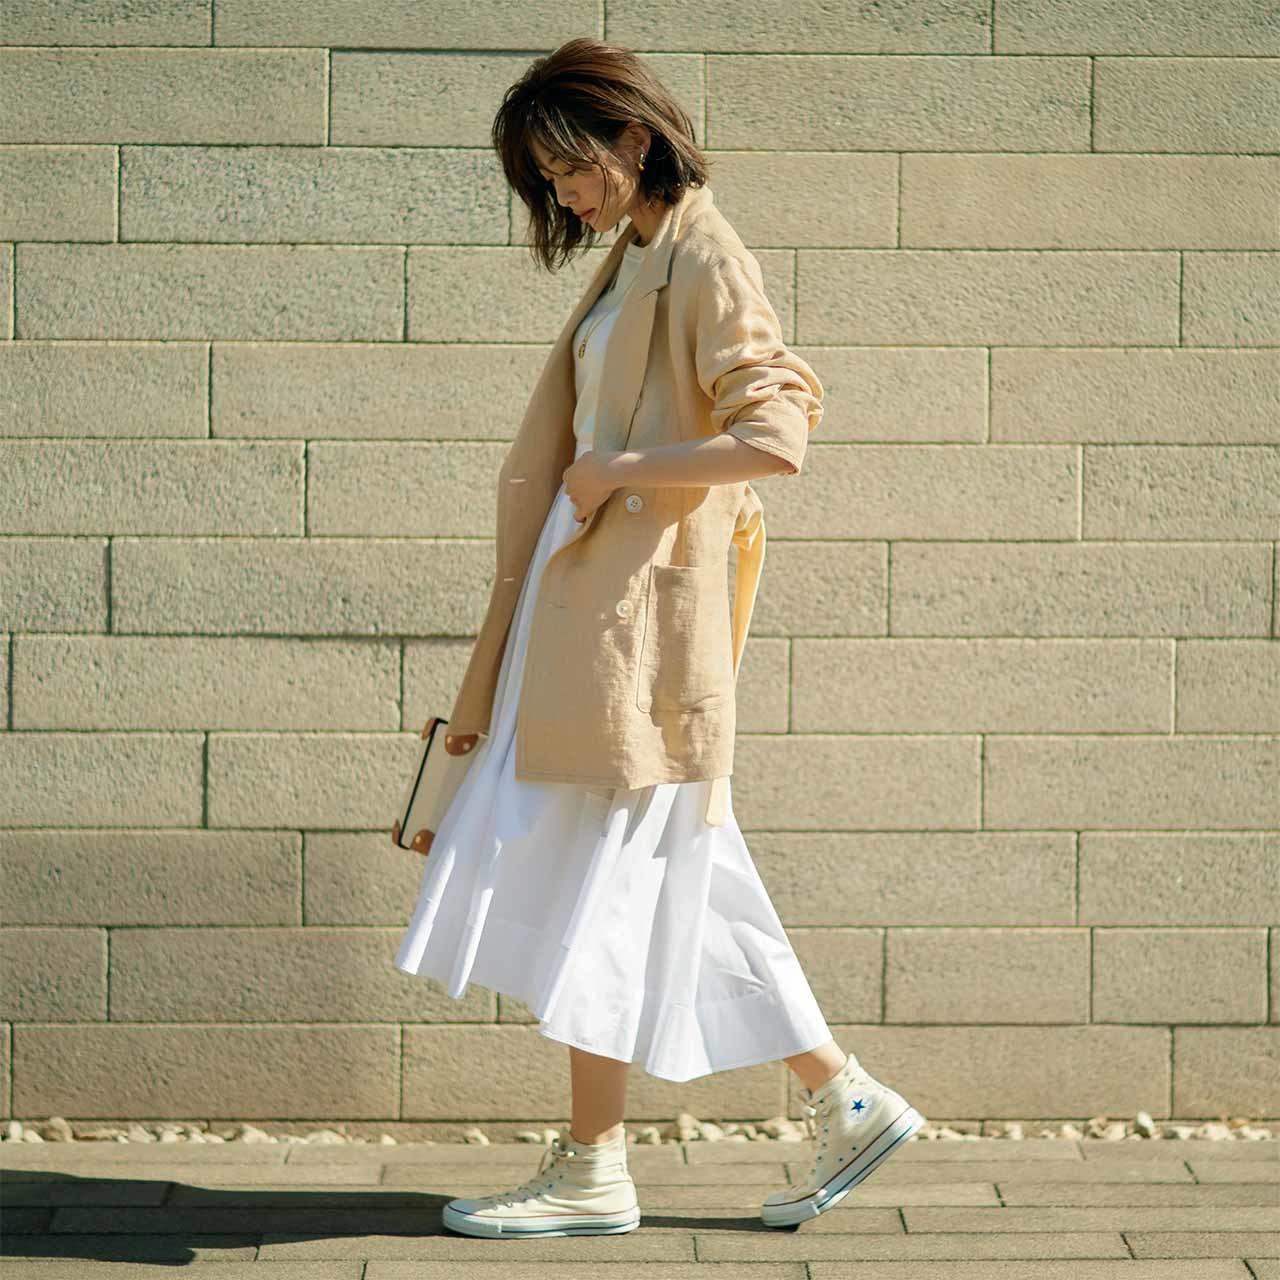 カオスのジャケット×スカートコーデを着たモデルの高垣麗子さん